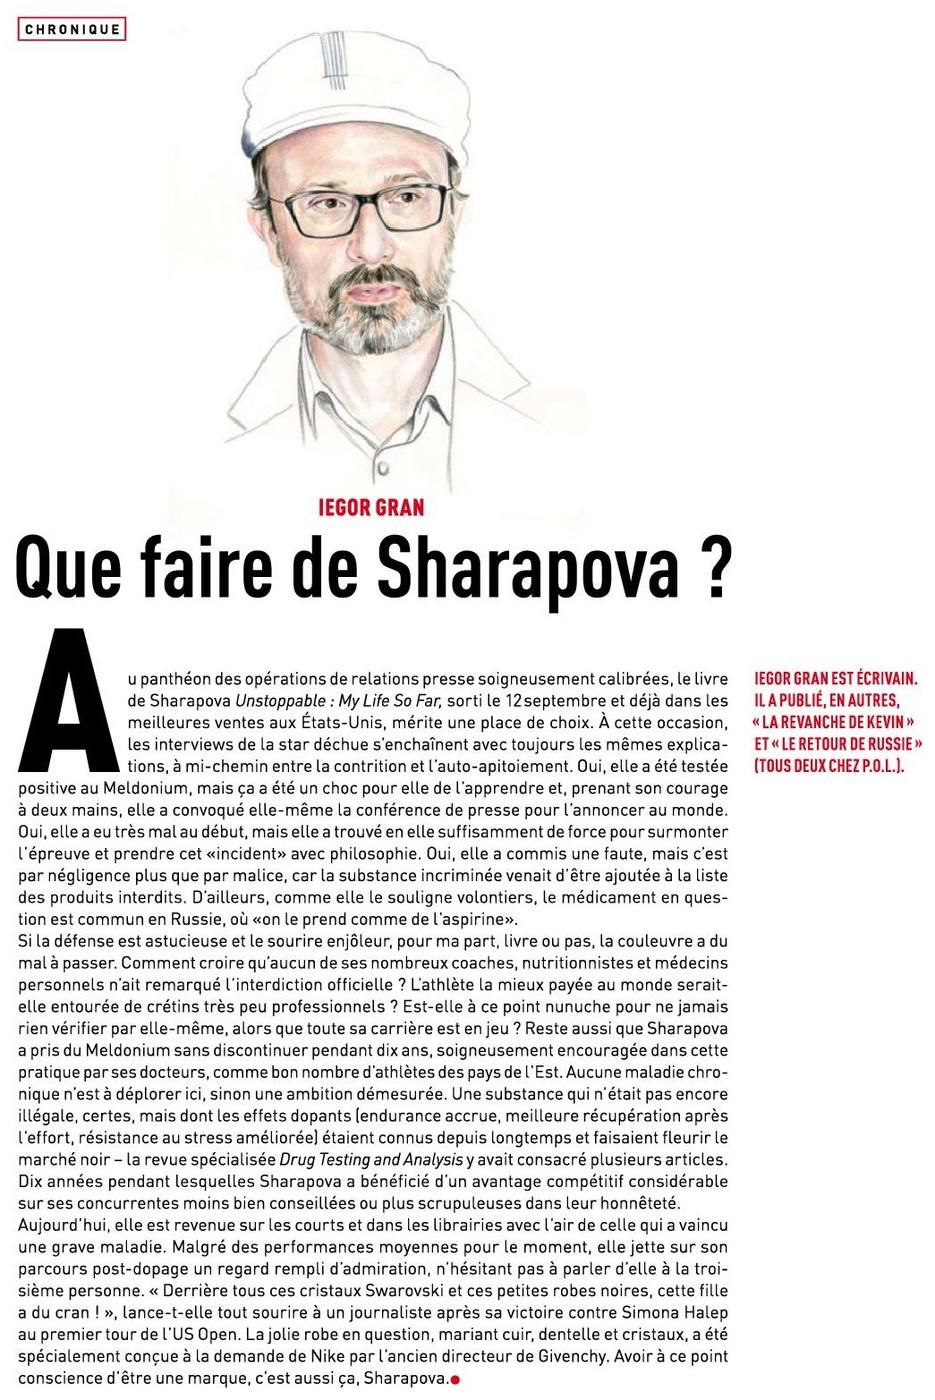 Que faire de Sharapova?